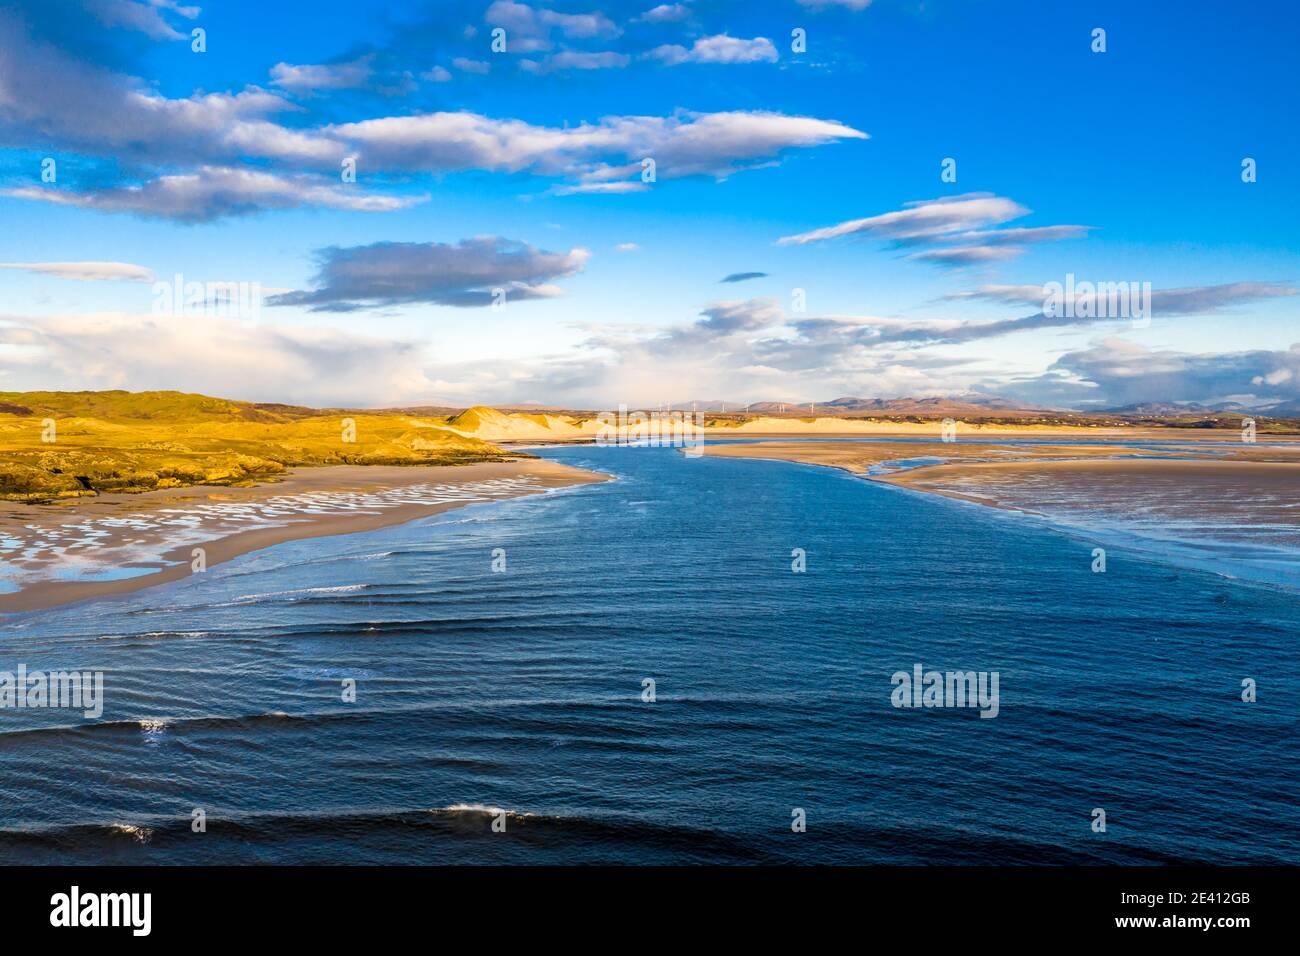 La côte entre la plage de la baie de Kiltoorish et la baie de Sheskinmore entre Ardara et Portnoo à Donegal - Irlande. Banque D'Images